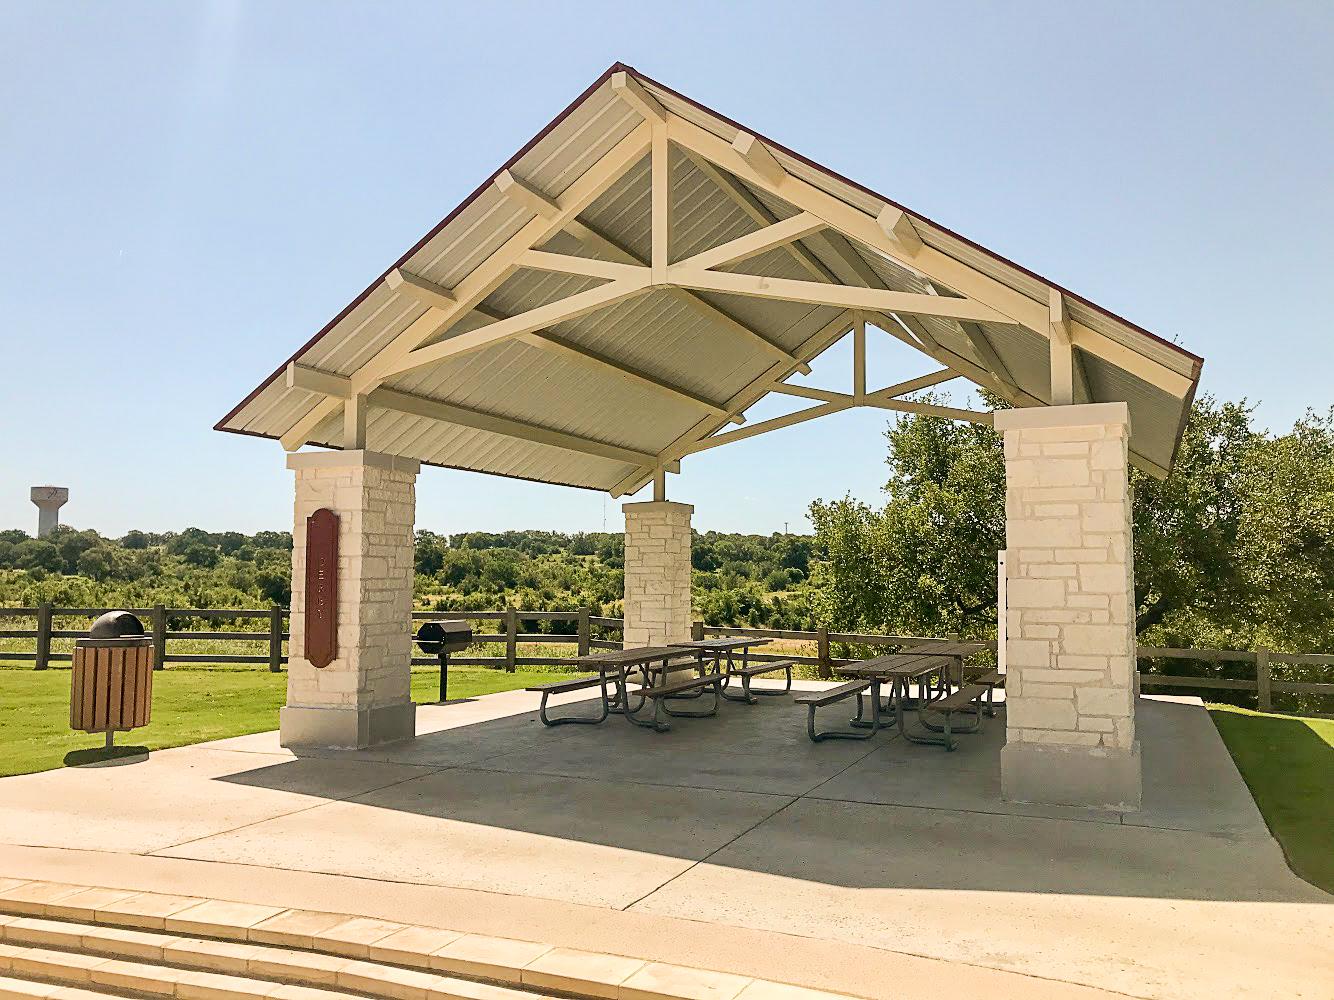 The Derby Pavilion at Garey Park in Georgetown, TX